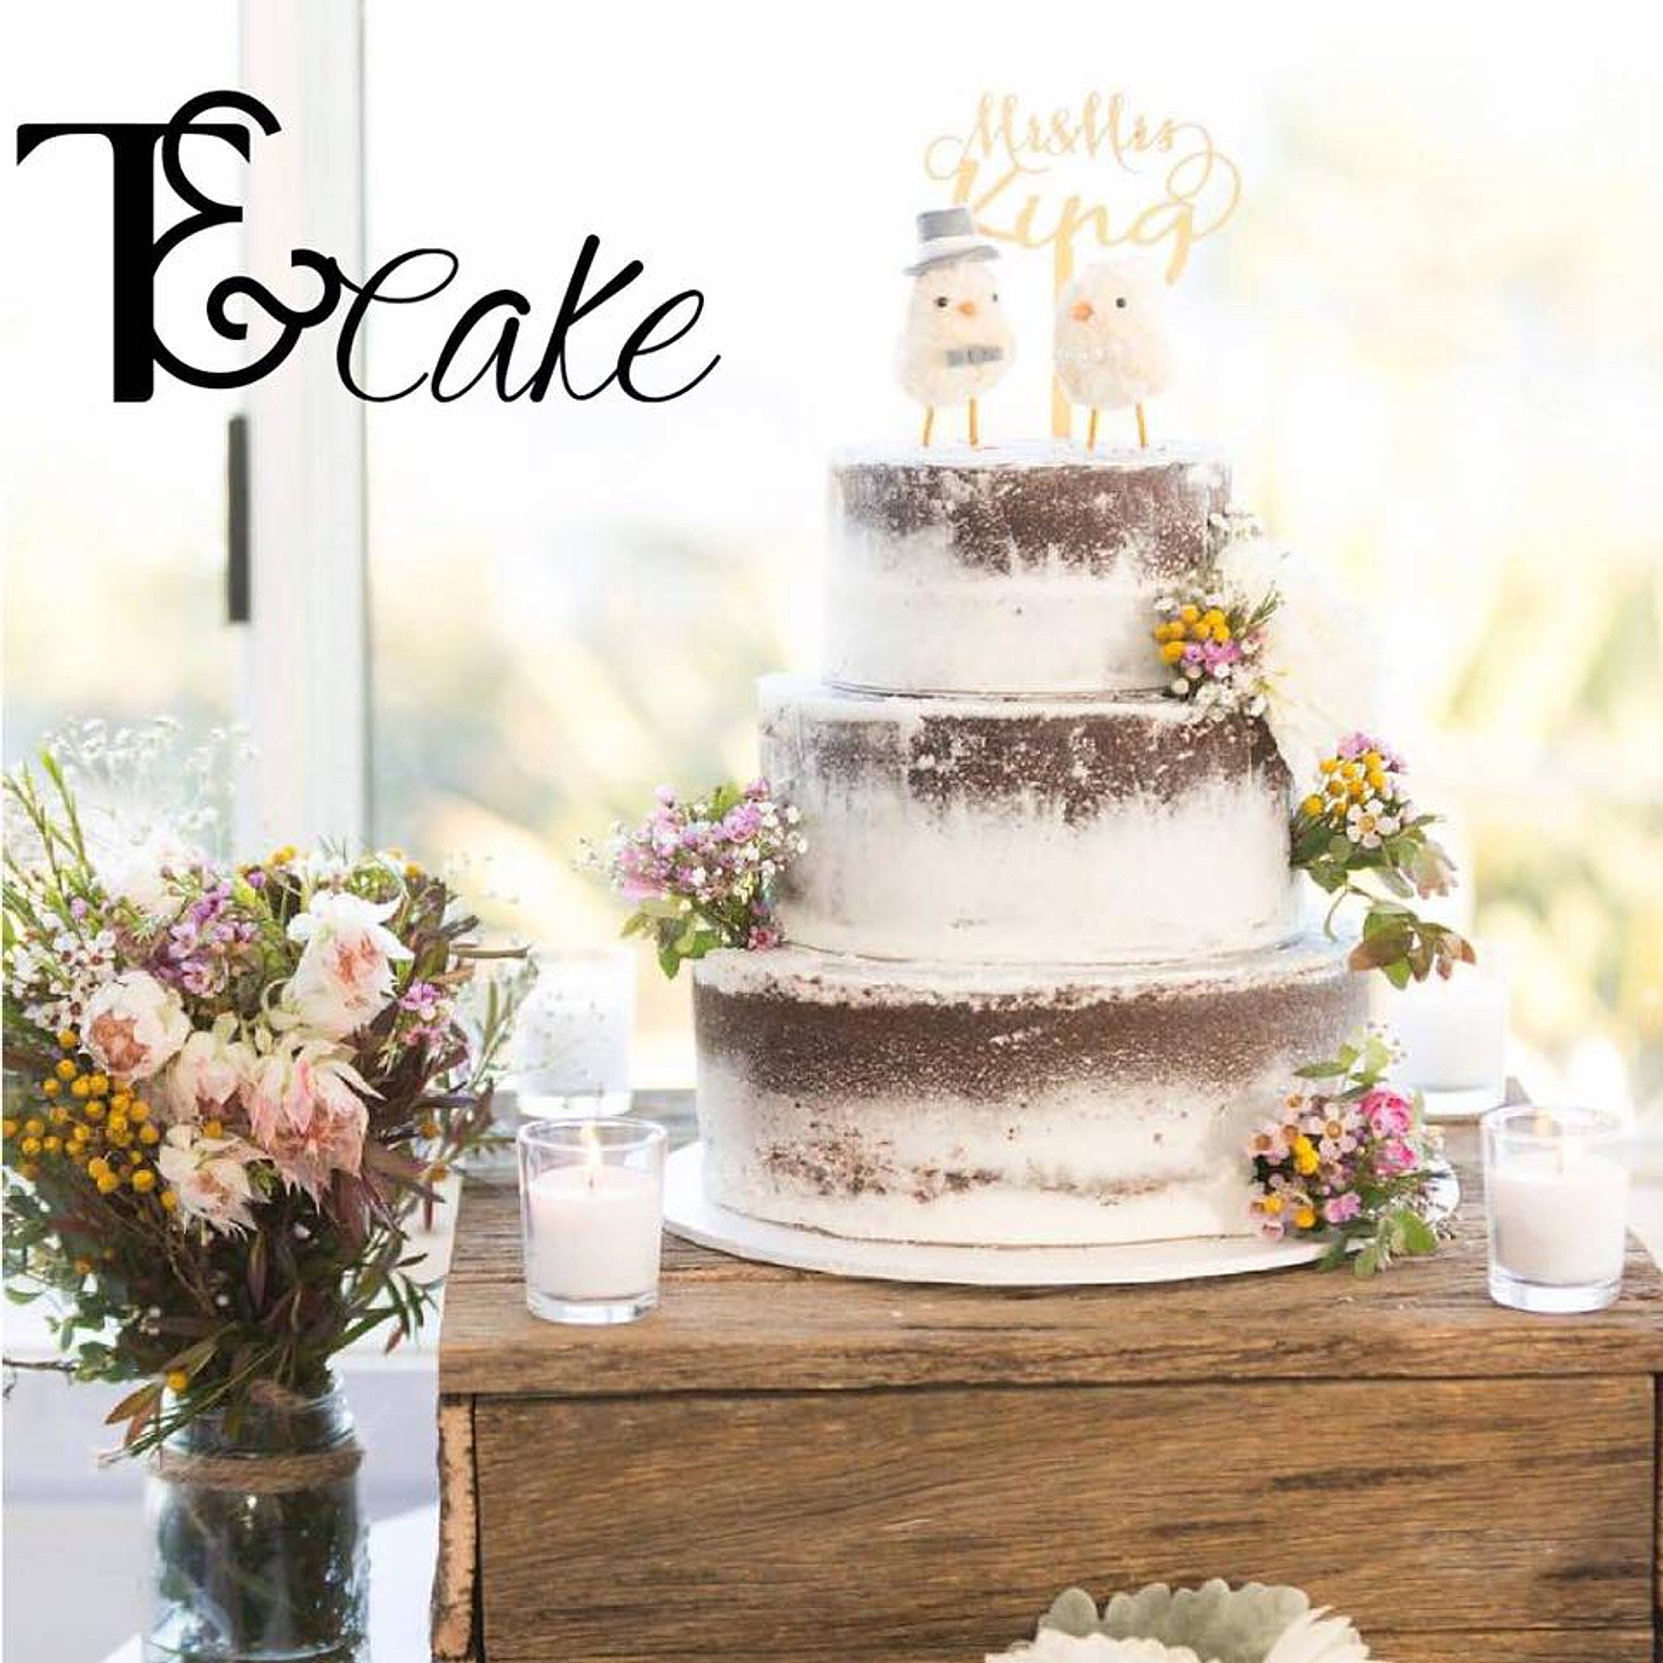 Custom Cakes, Parties & Classes | Wollongong | T&Cake